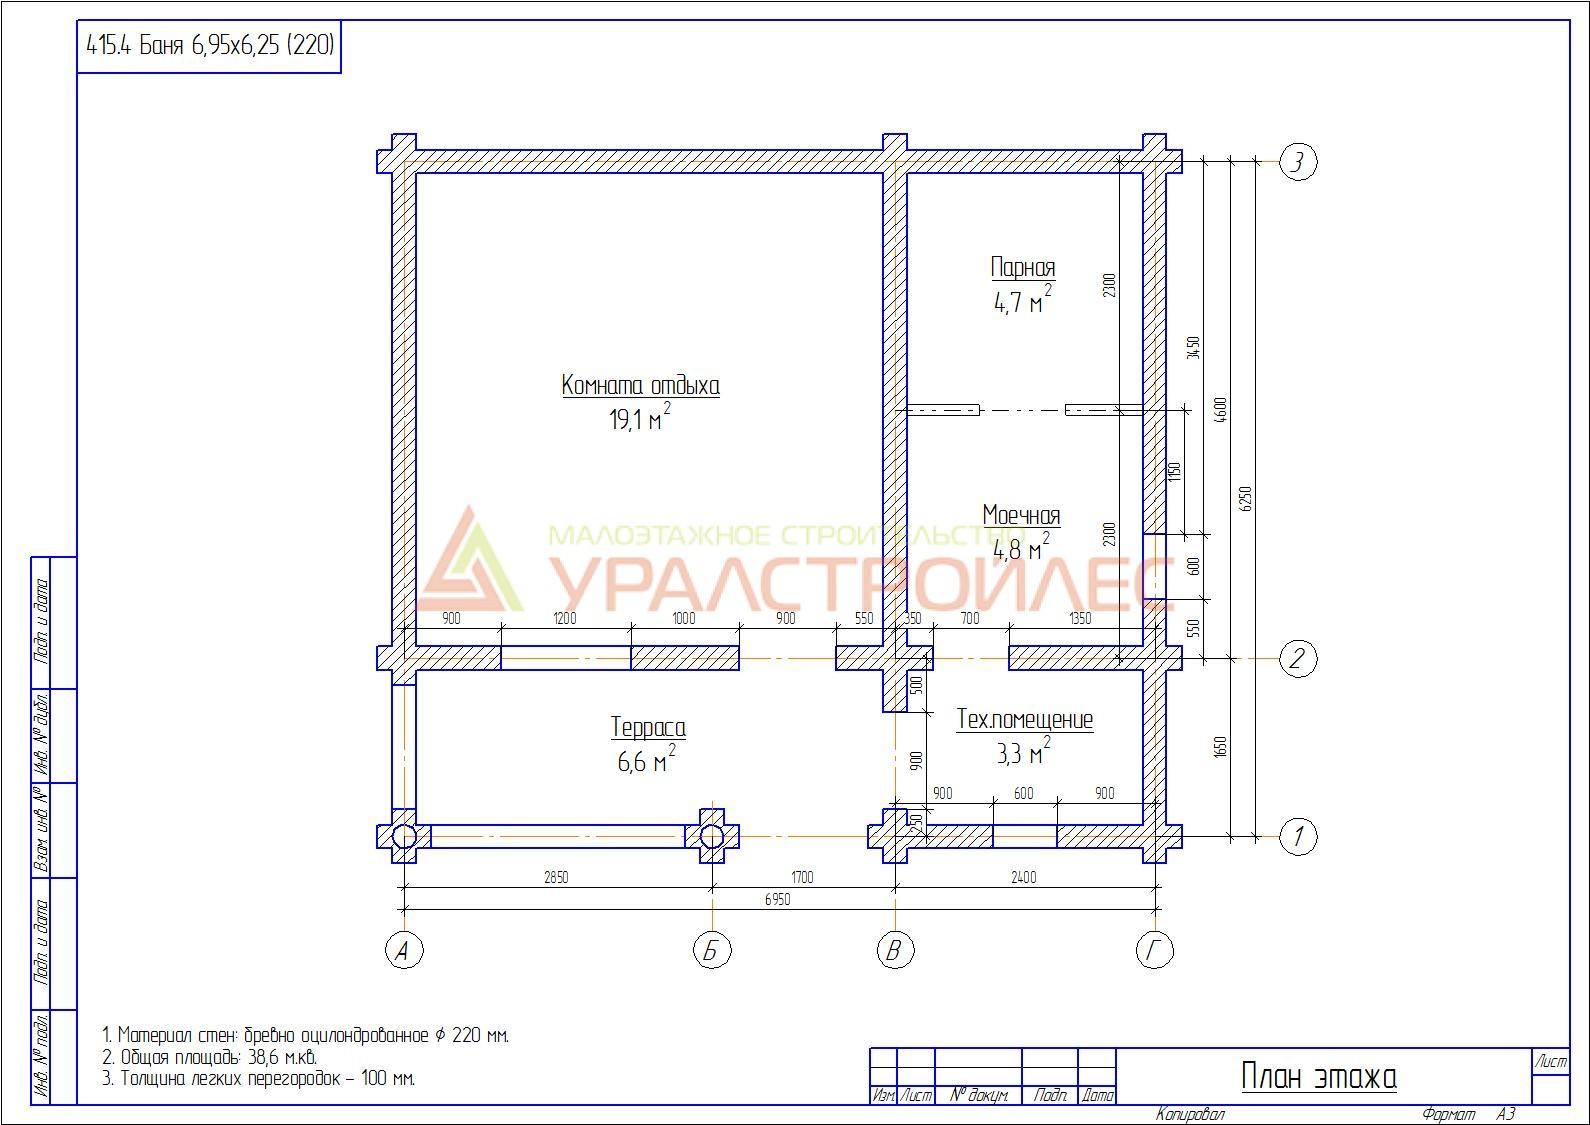 Проект №415 баня одноэтажная, общая площадь 38,6 кв.м.